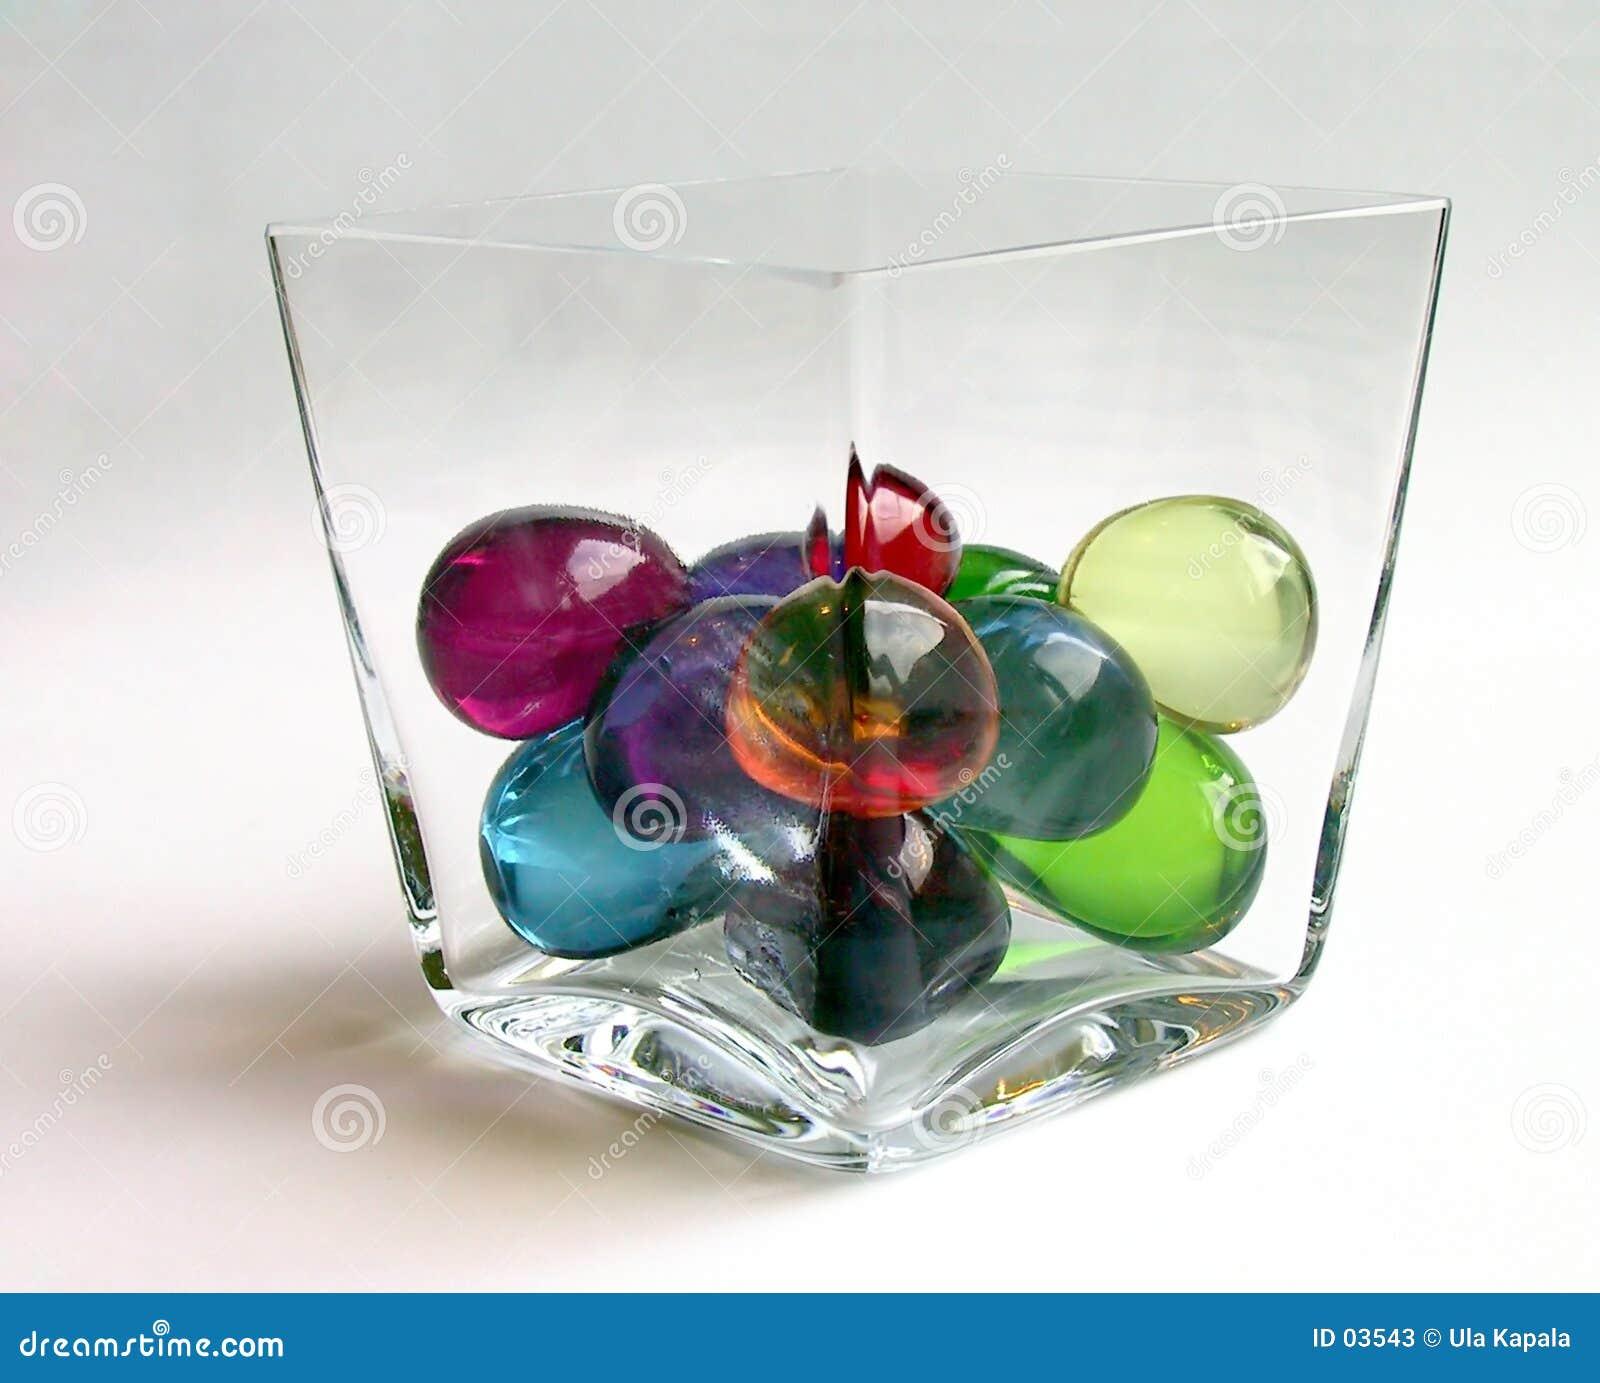 Esferas do banho em um recipiente, distorcido